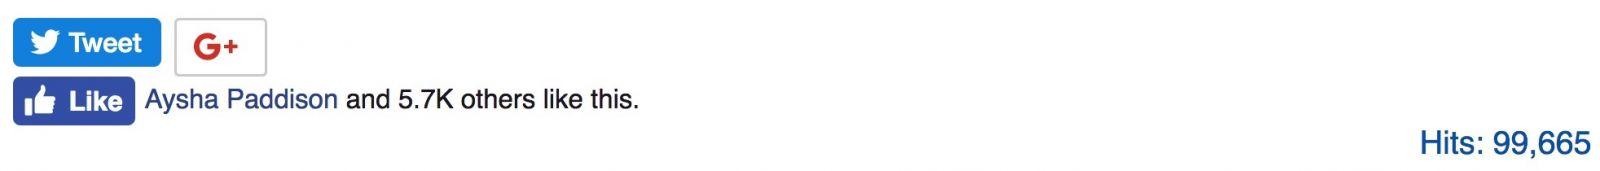 Дэвид Уилкок - Потрясающие новые брифинги: Массовые обвинения, целевые аресты и Раскрытие Часть I, раздел 2 387_5